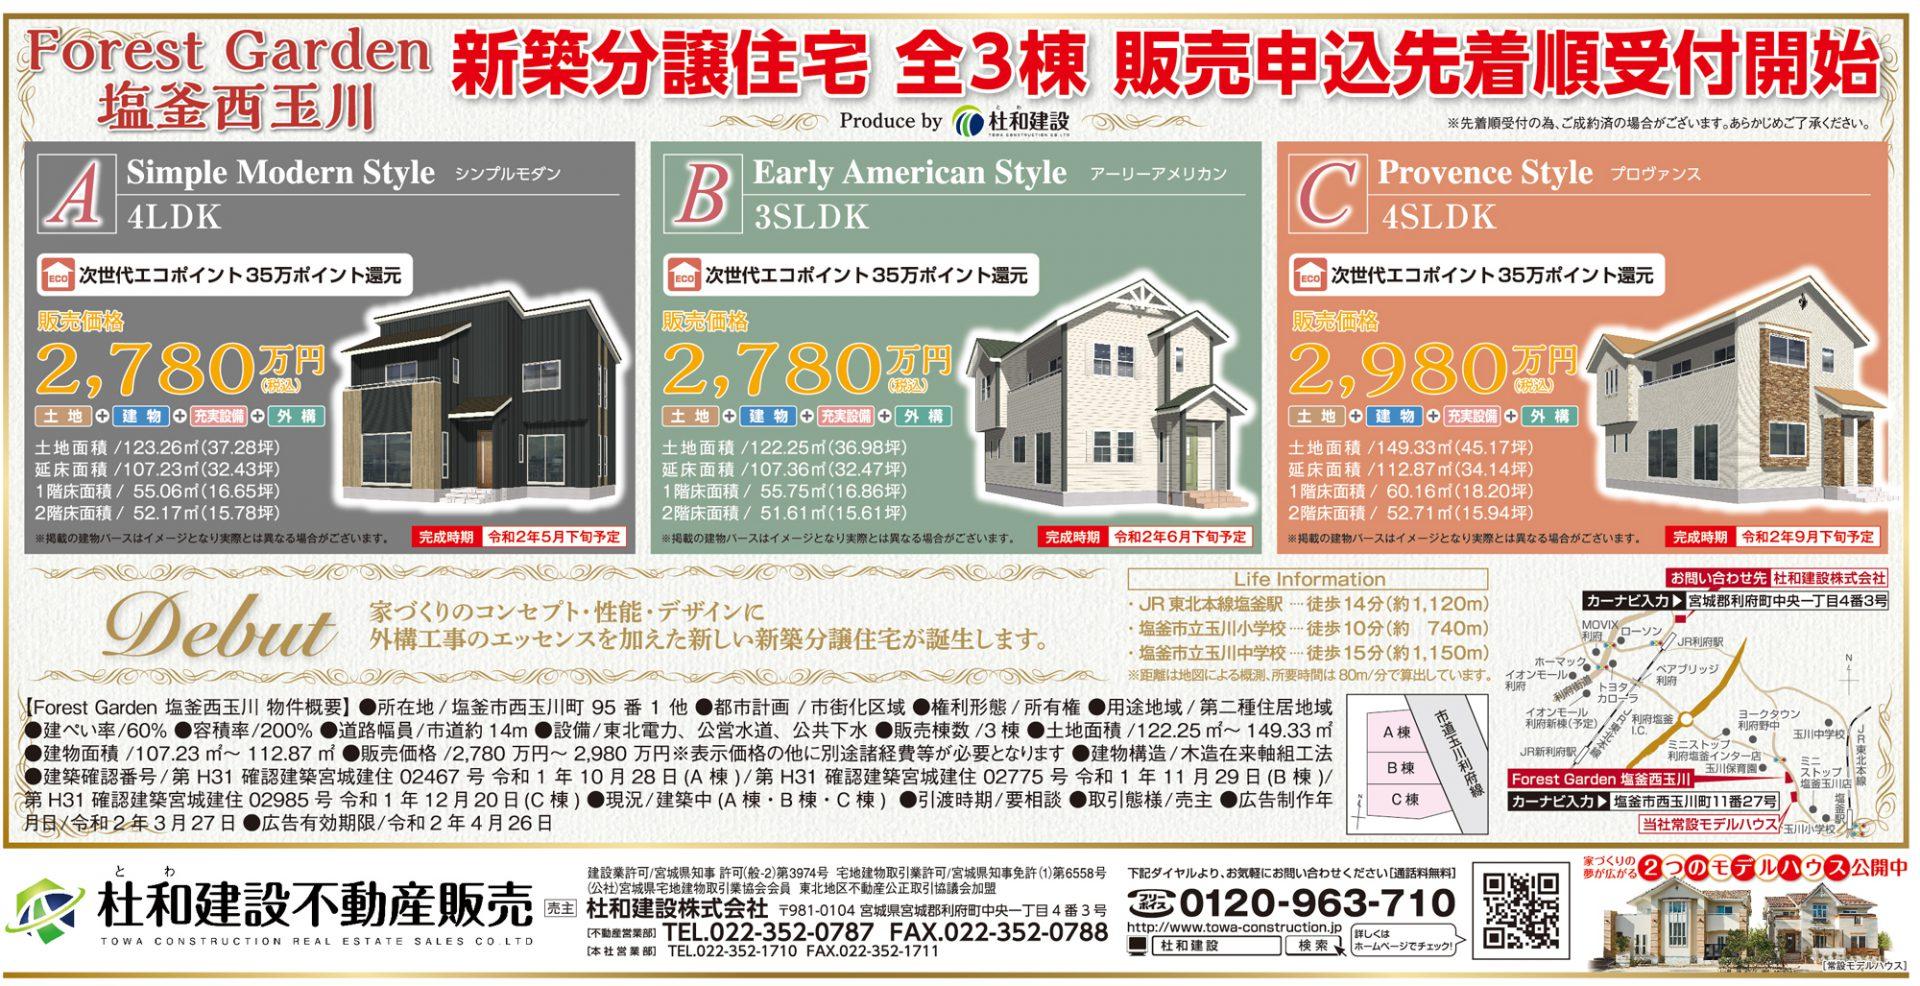 塩釜市西玉川に、それぞれ特徴のある3棟の新築分譲住宅が誕生!